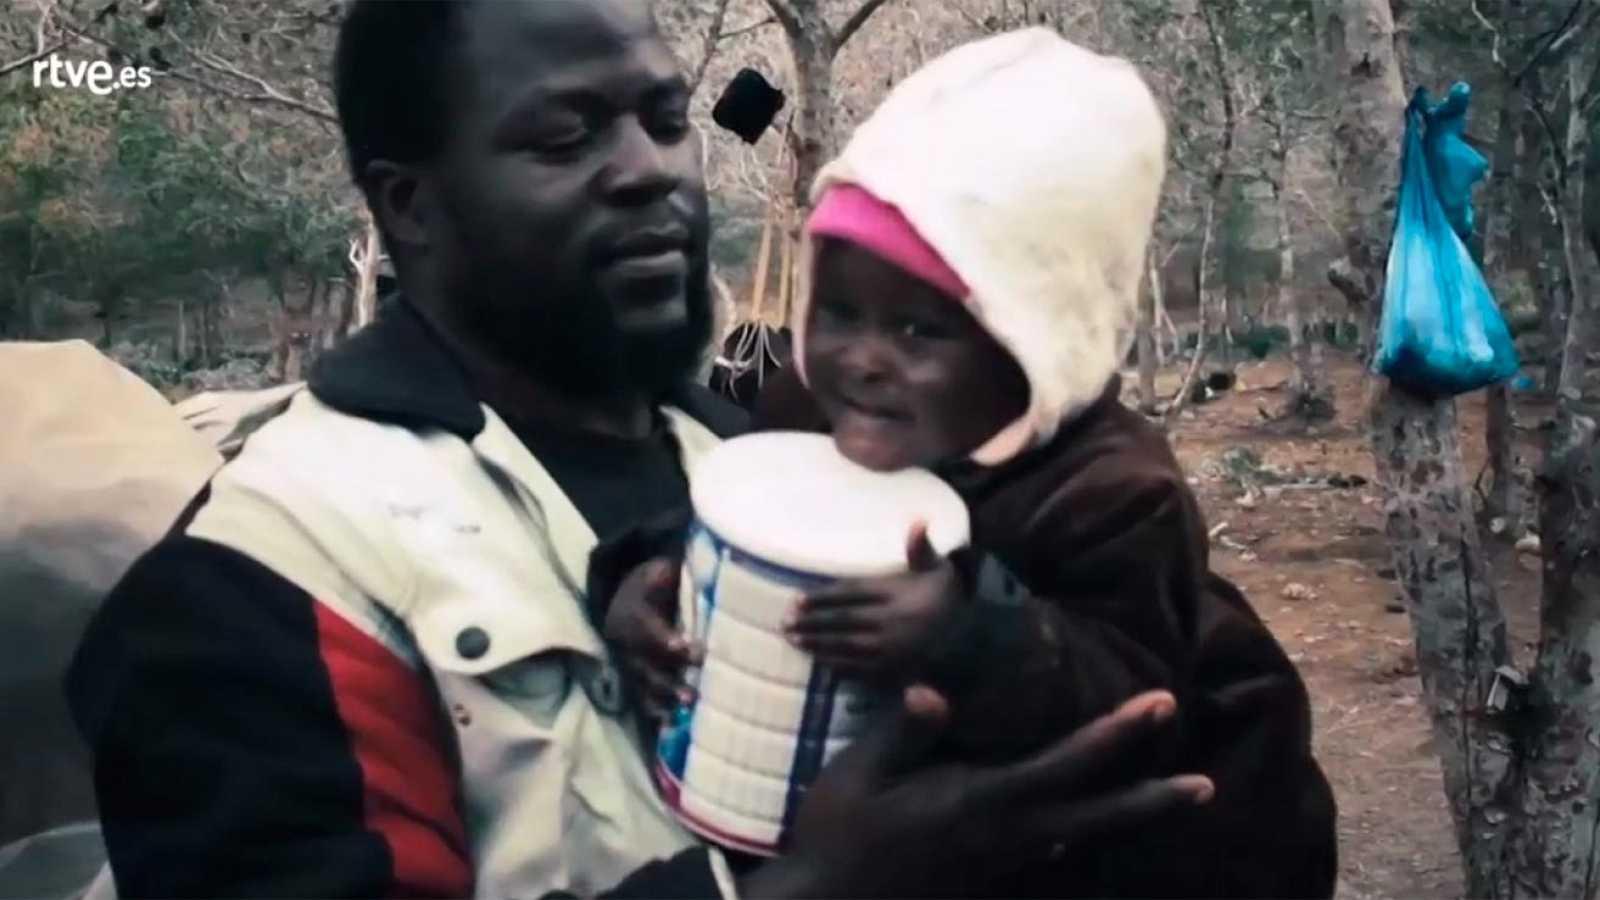 RTVE.es estrena el tráiler del documental 'Las lágrimas de África'